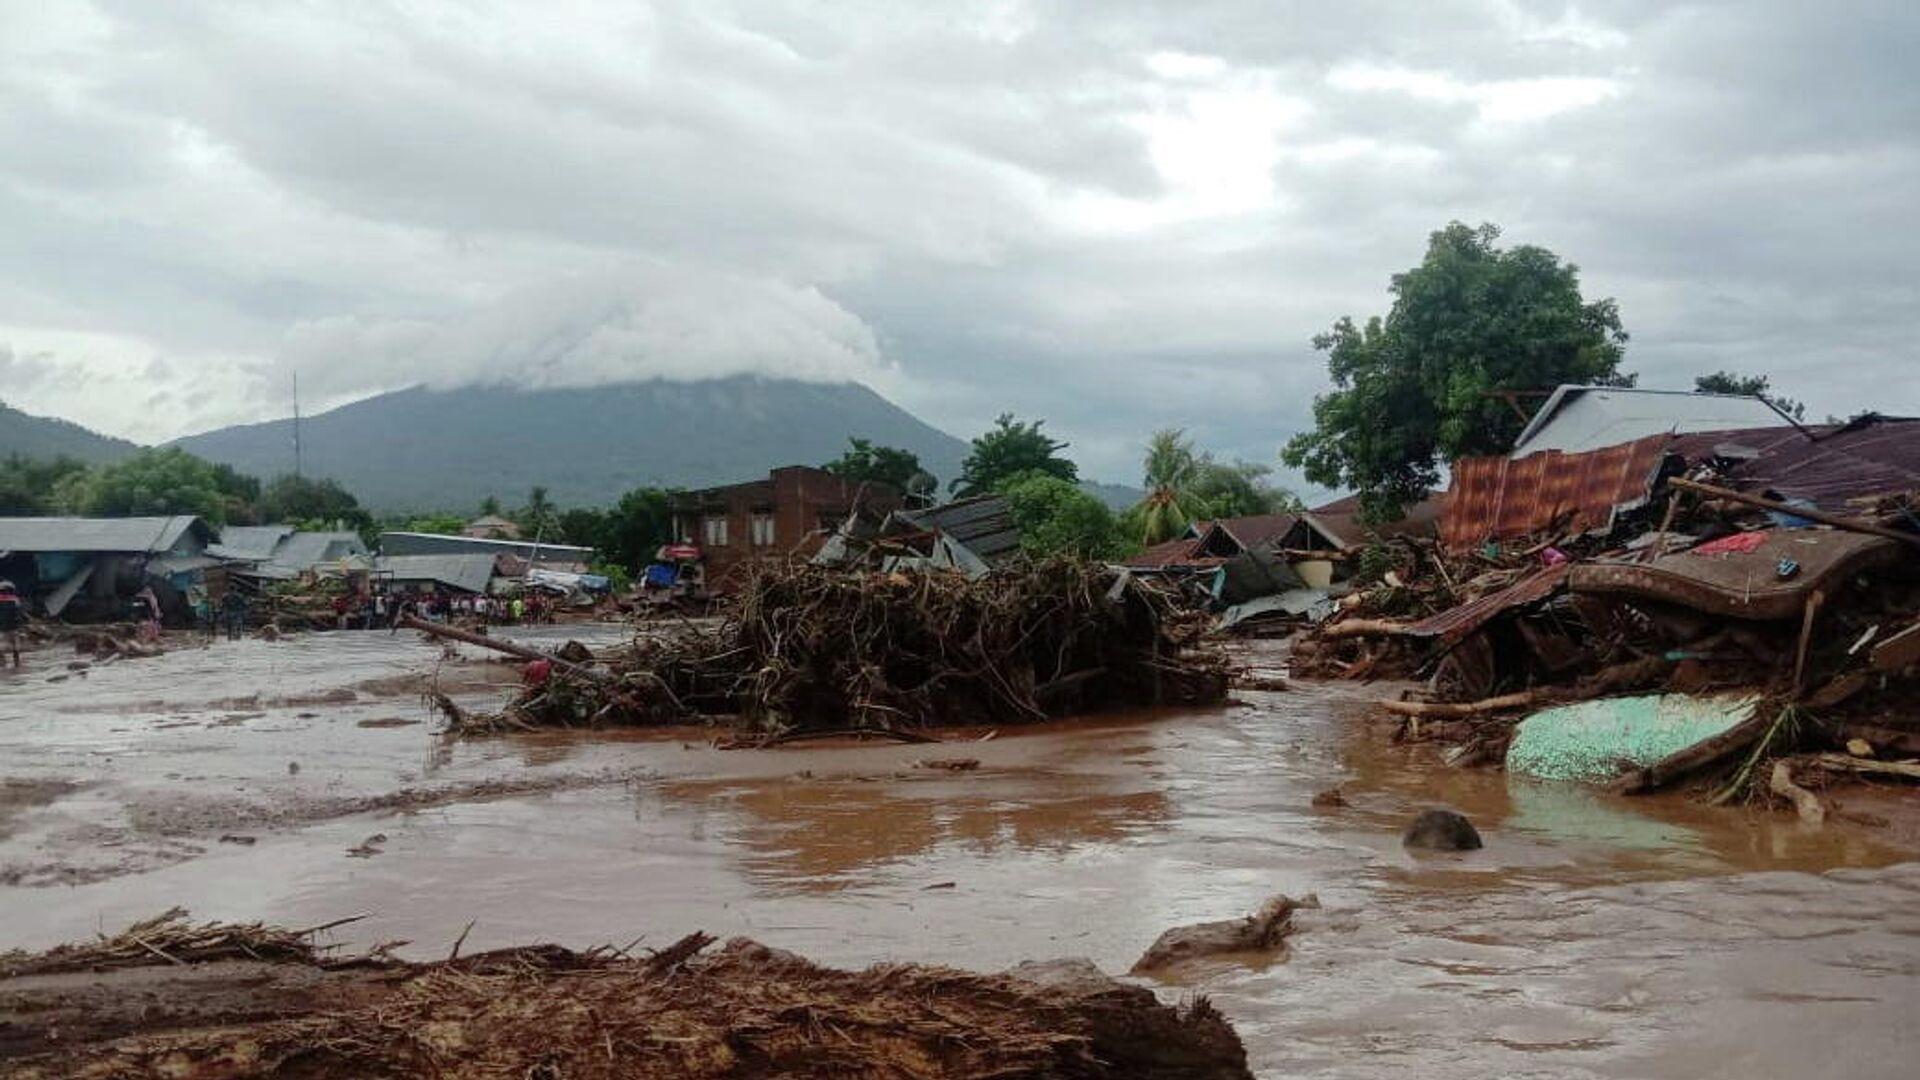 Inundaciones en provincia indonesia de Nusa Tenggara Oriental - Sputnik Mundo, 1920, 05.04.2021